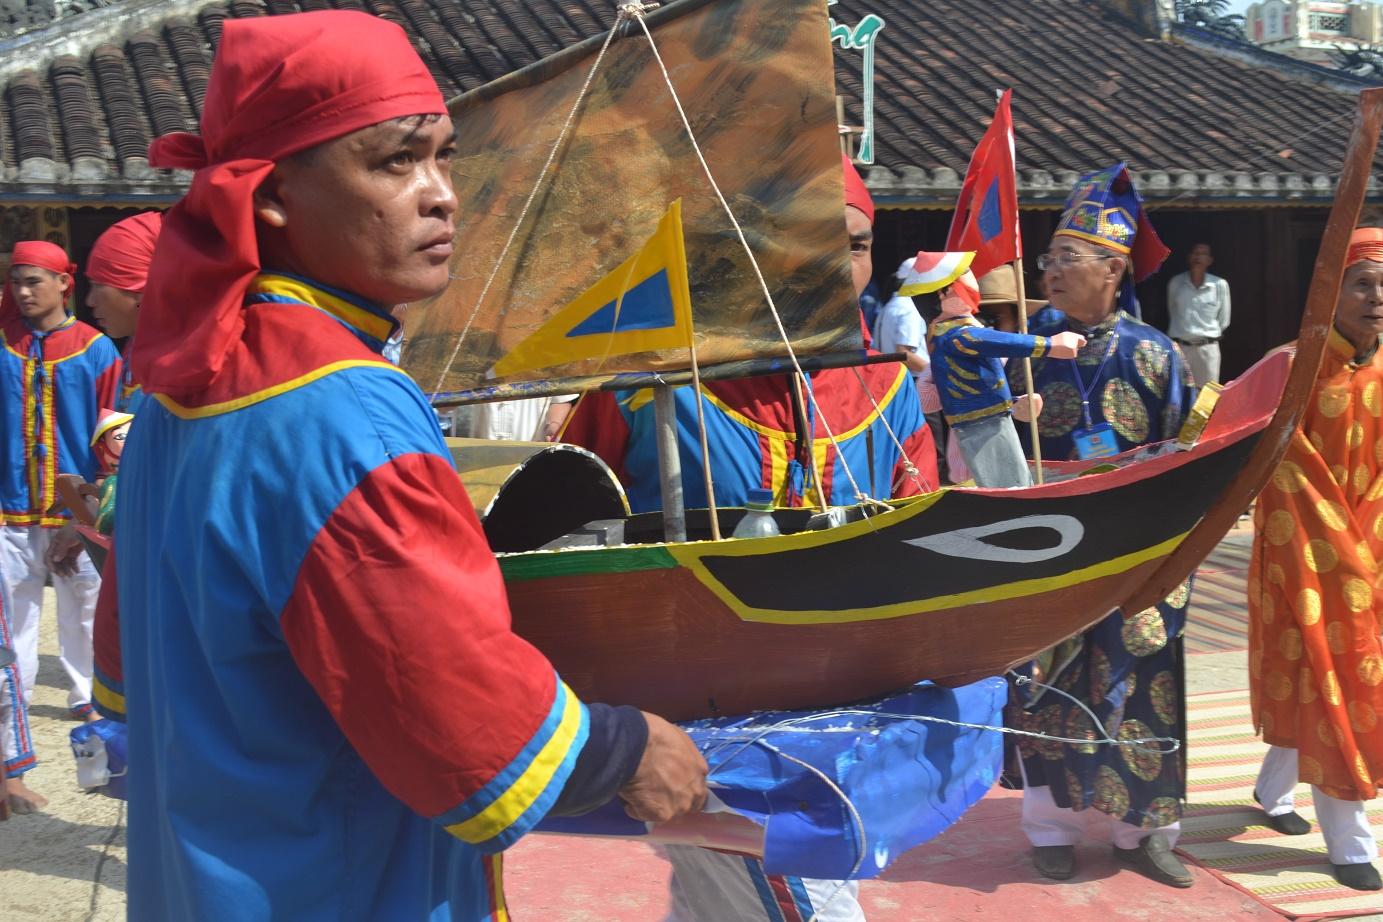 Thuyền huyền câu và những hình nhân thế mạng mô phỏng trong nghi lễ này.